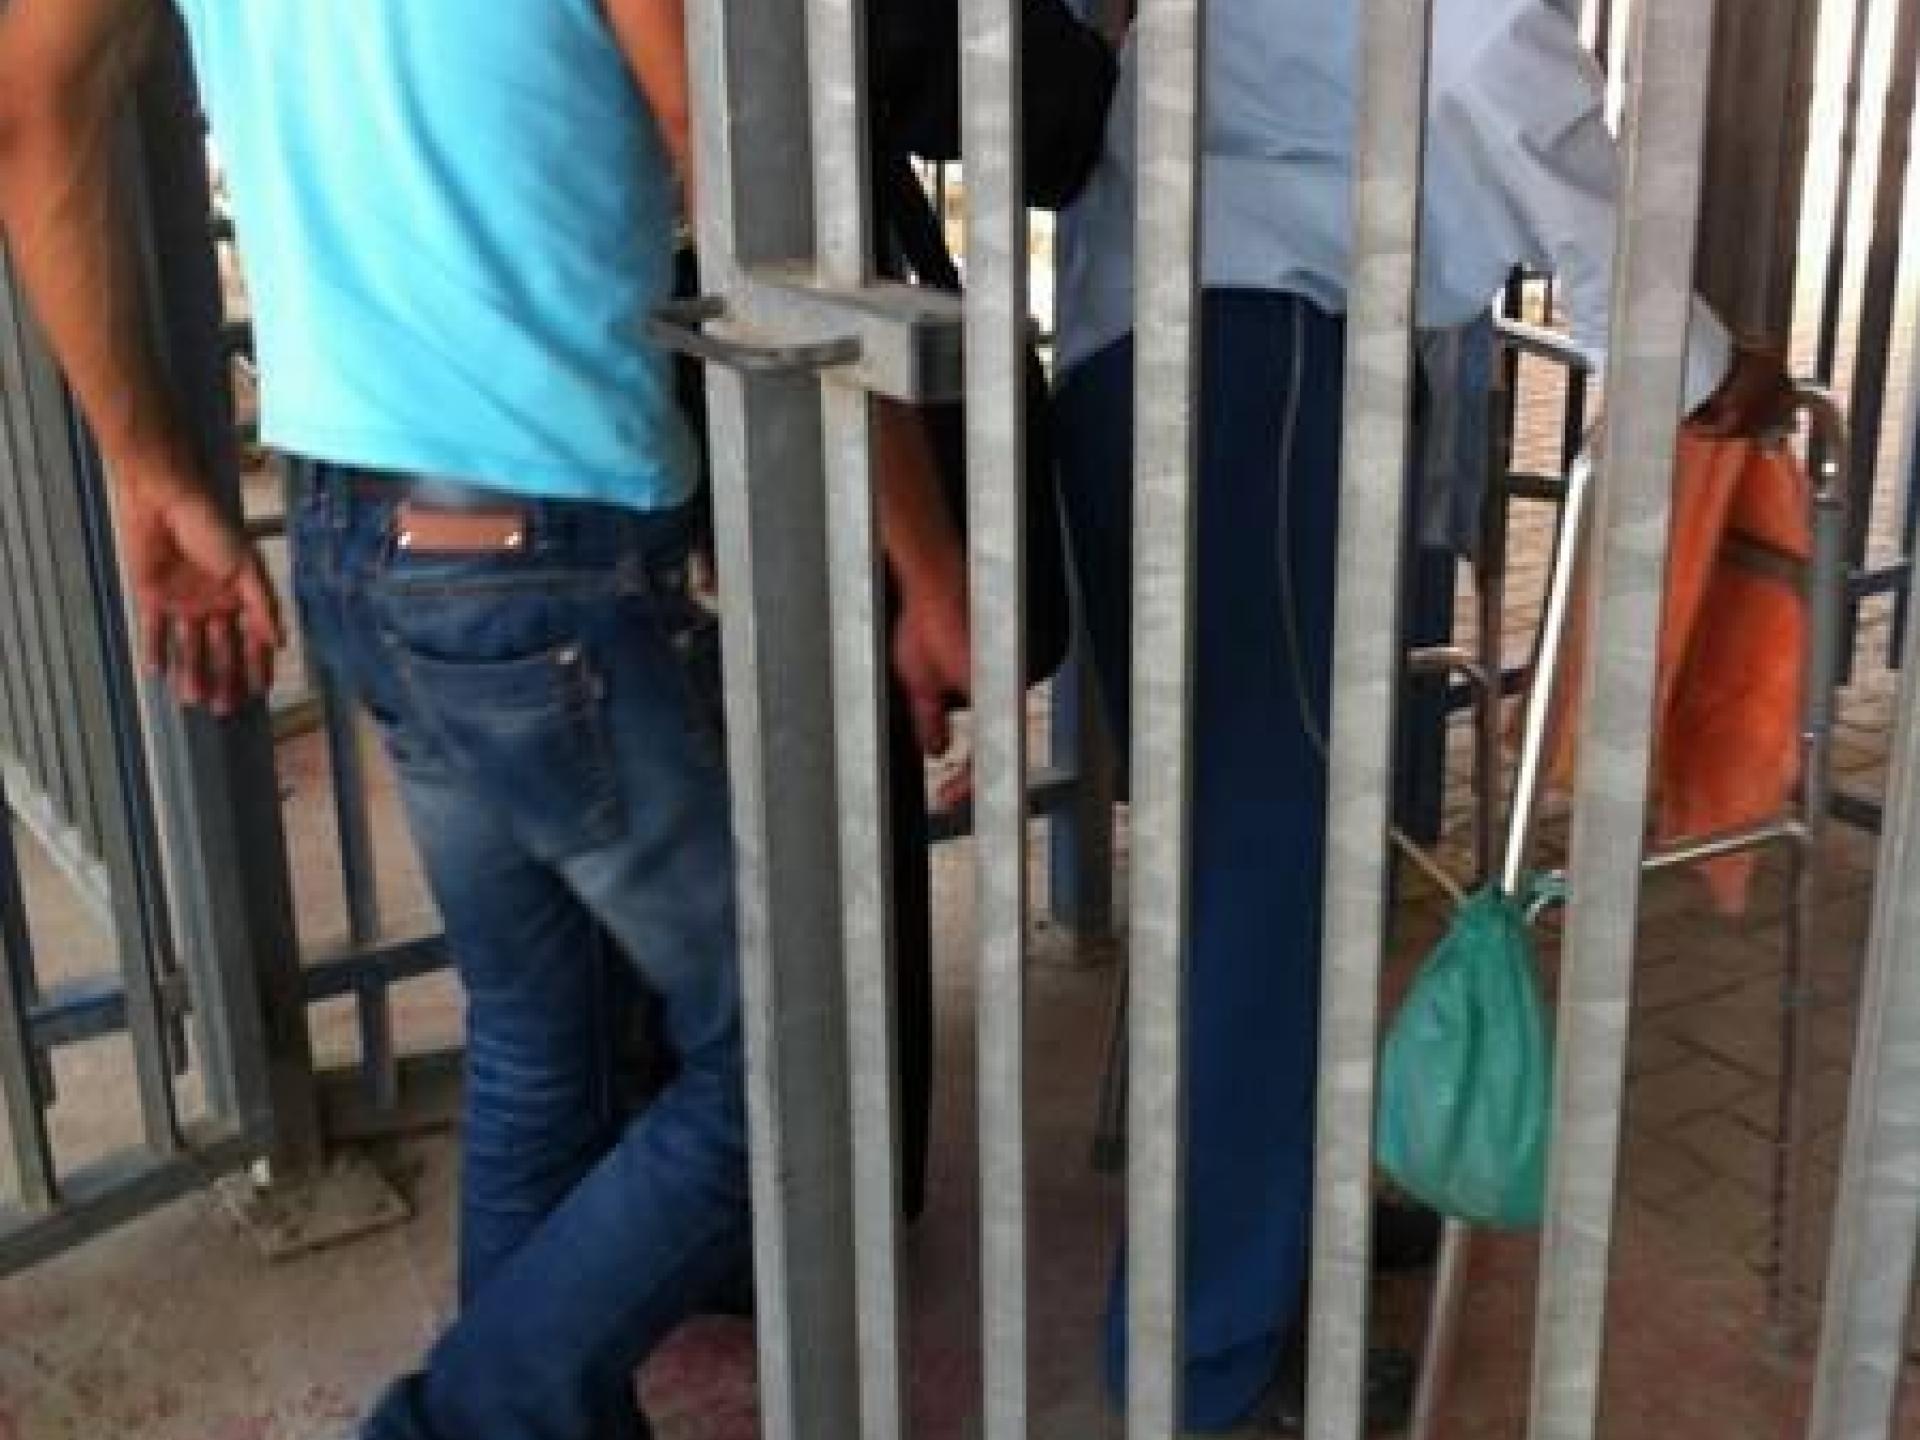 Ras Abu Sbeitan checkpoint 05.06.12